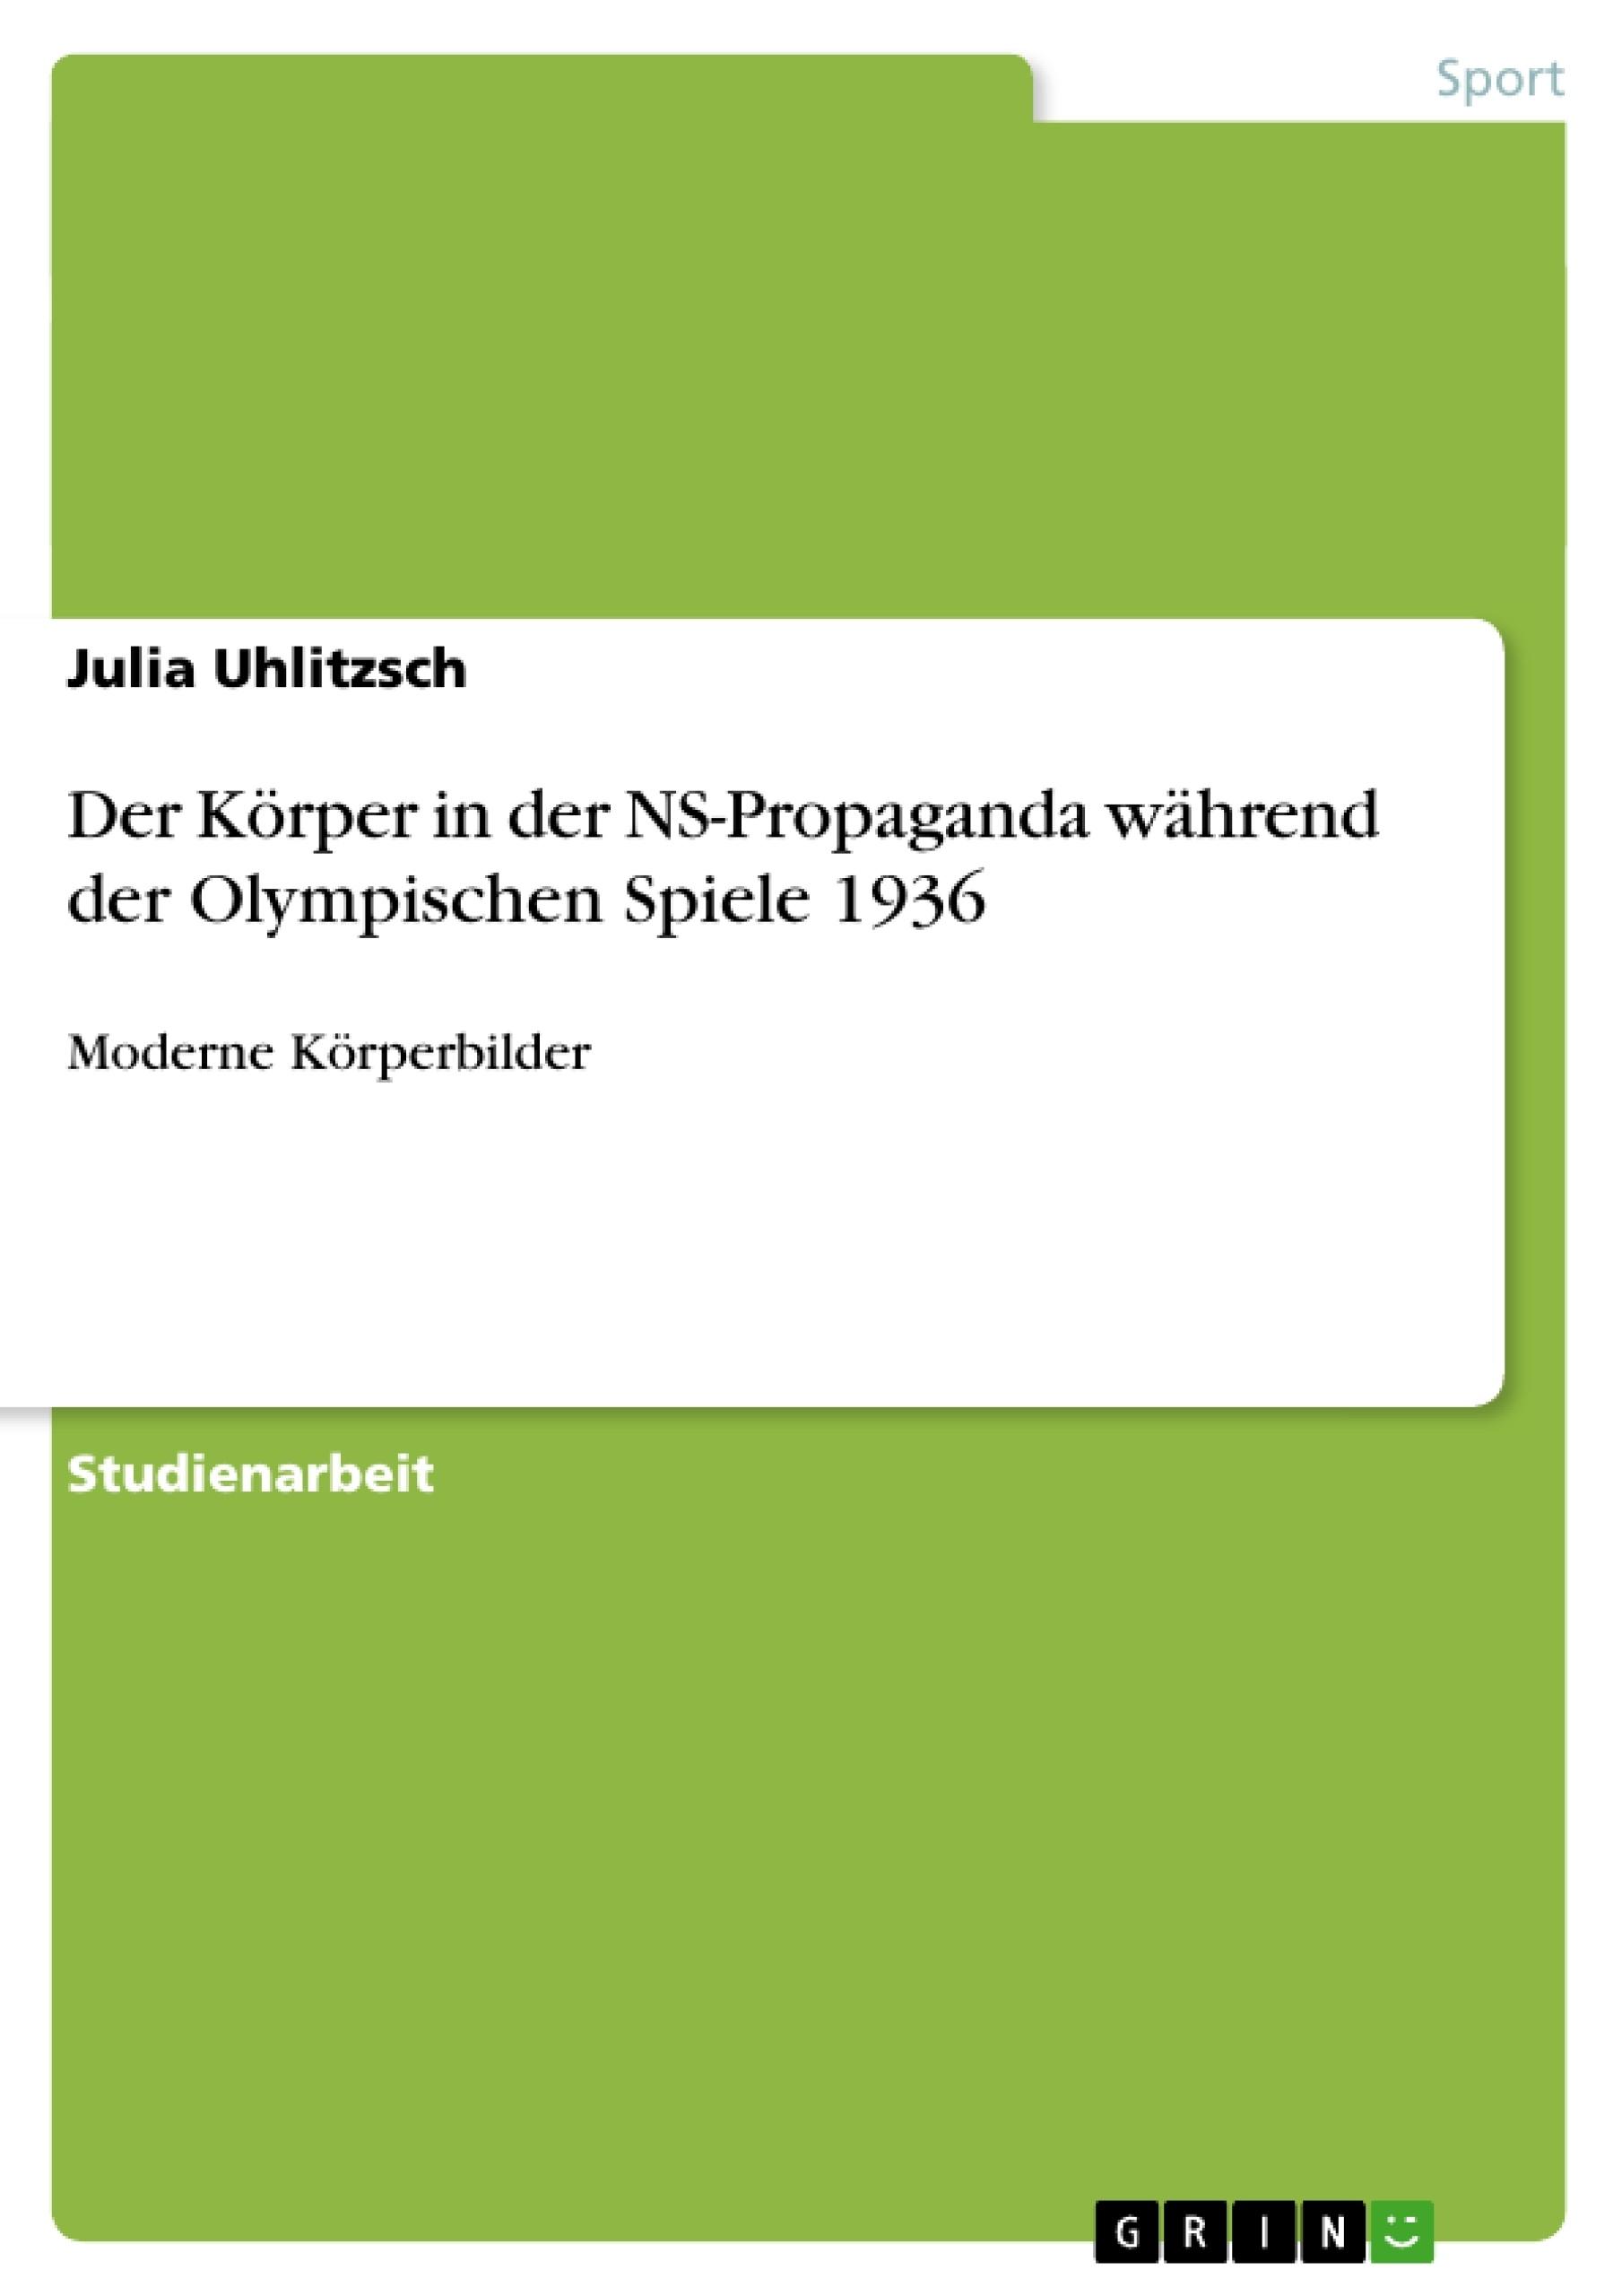 Titel: Der Körper in der NS-Propaganda während der Olympischen Spiele 1936